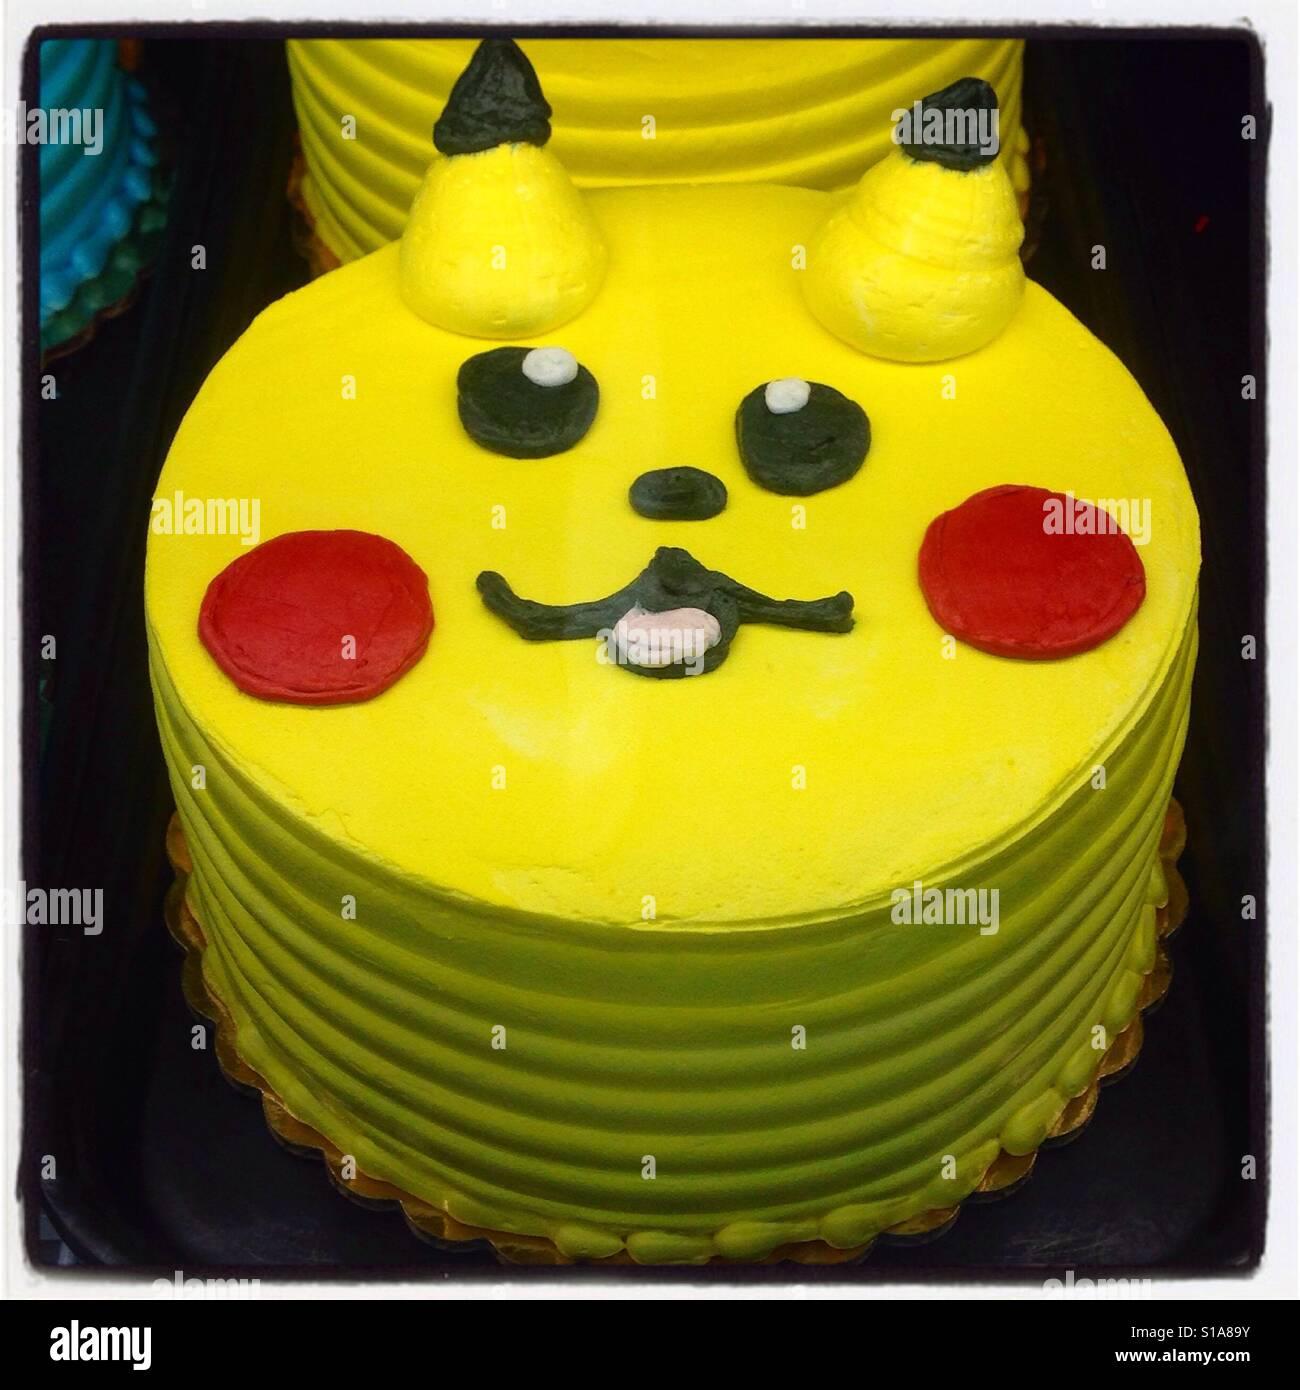 Kinder Kuchen Dekorieren Stockfotos Kinder Kuchen Dekorieren